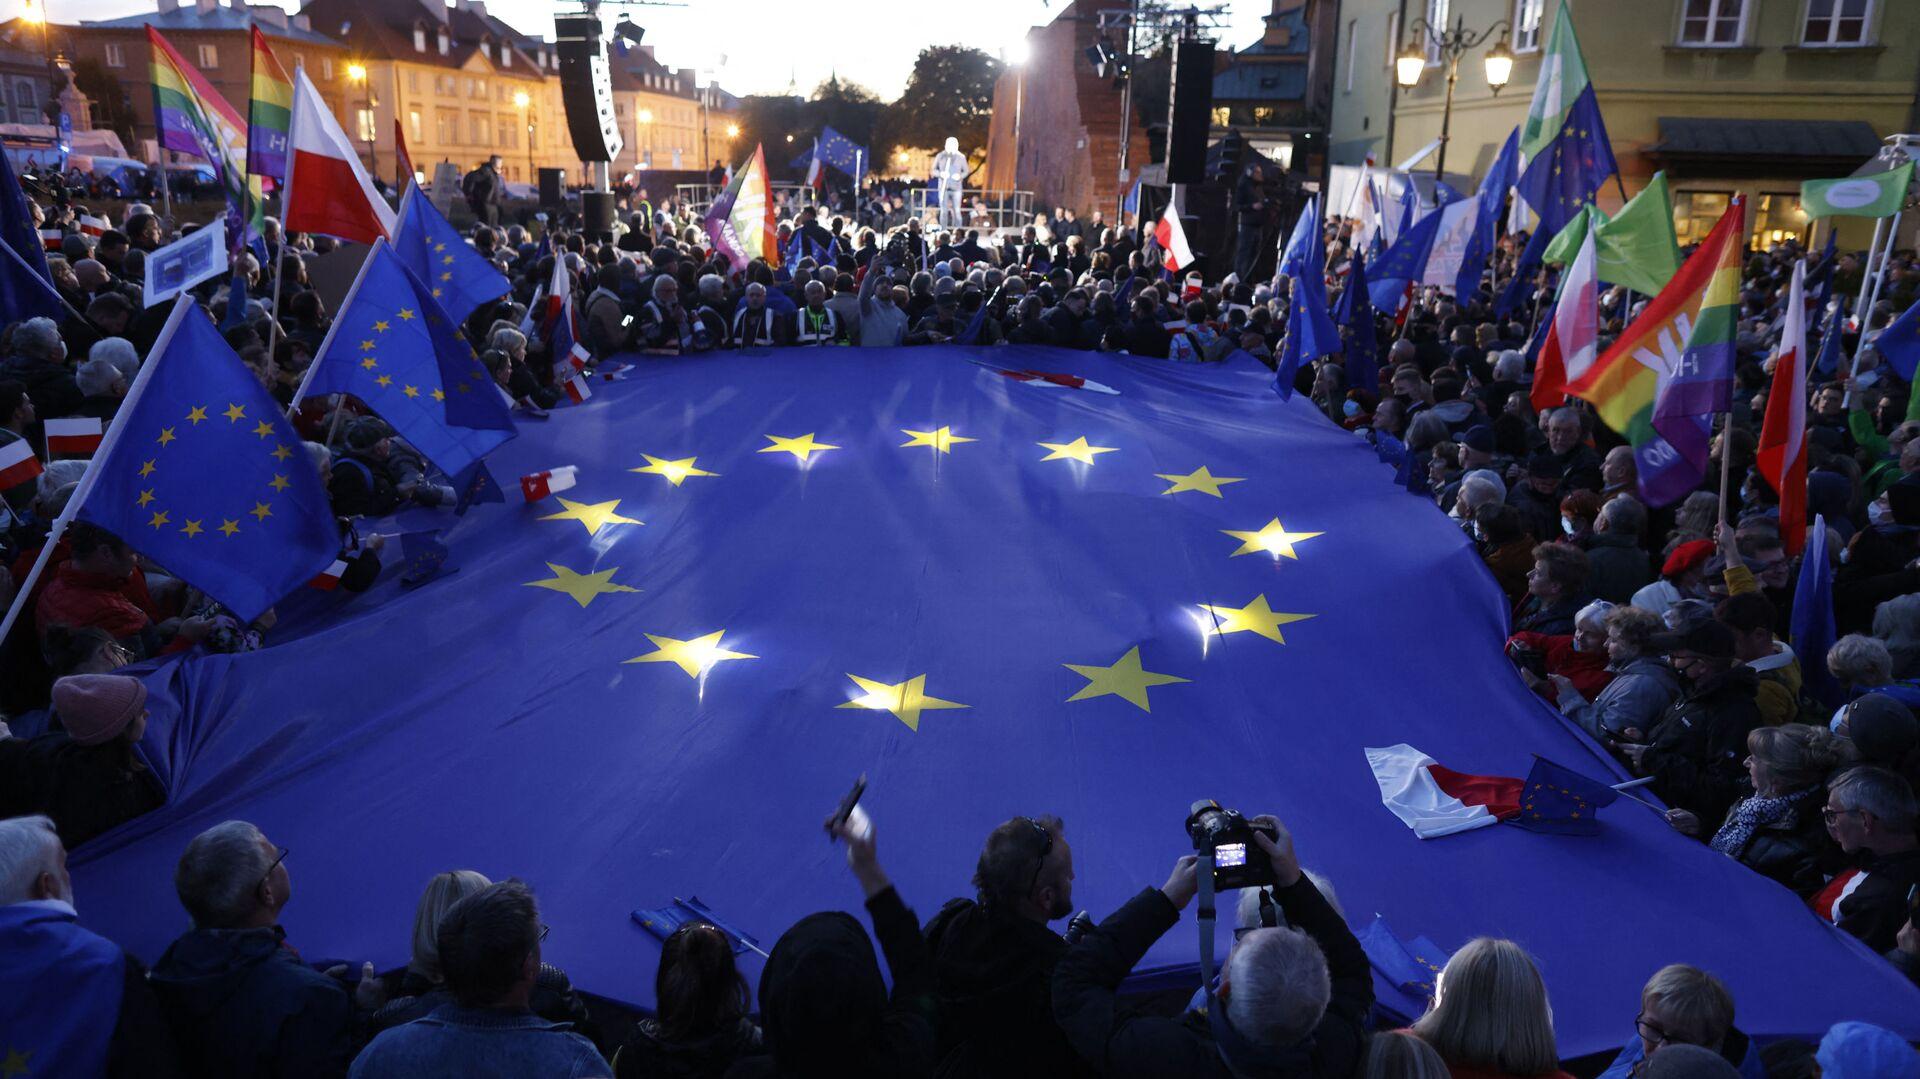 Protestujący z flagami UE i Polski podczas prounijnej demonstracji w Warszawie - Sputnik Polska, 1920, 11.10.2021